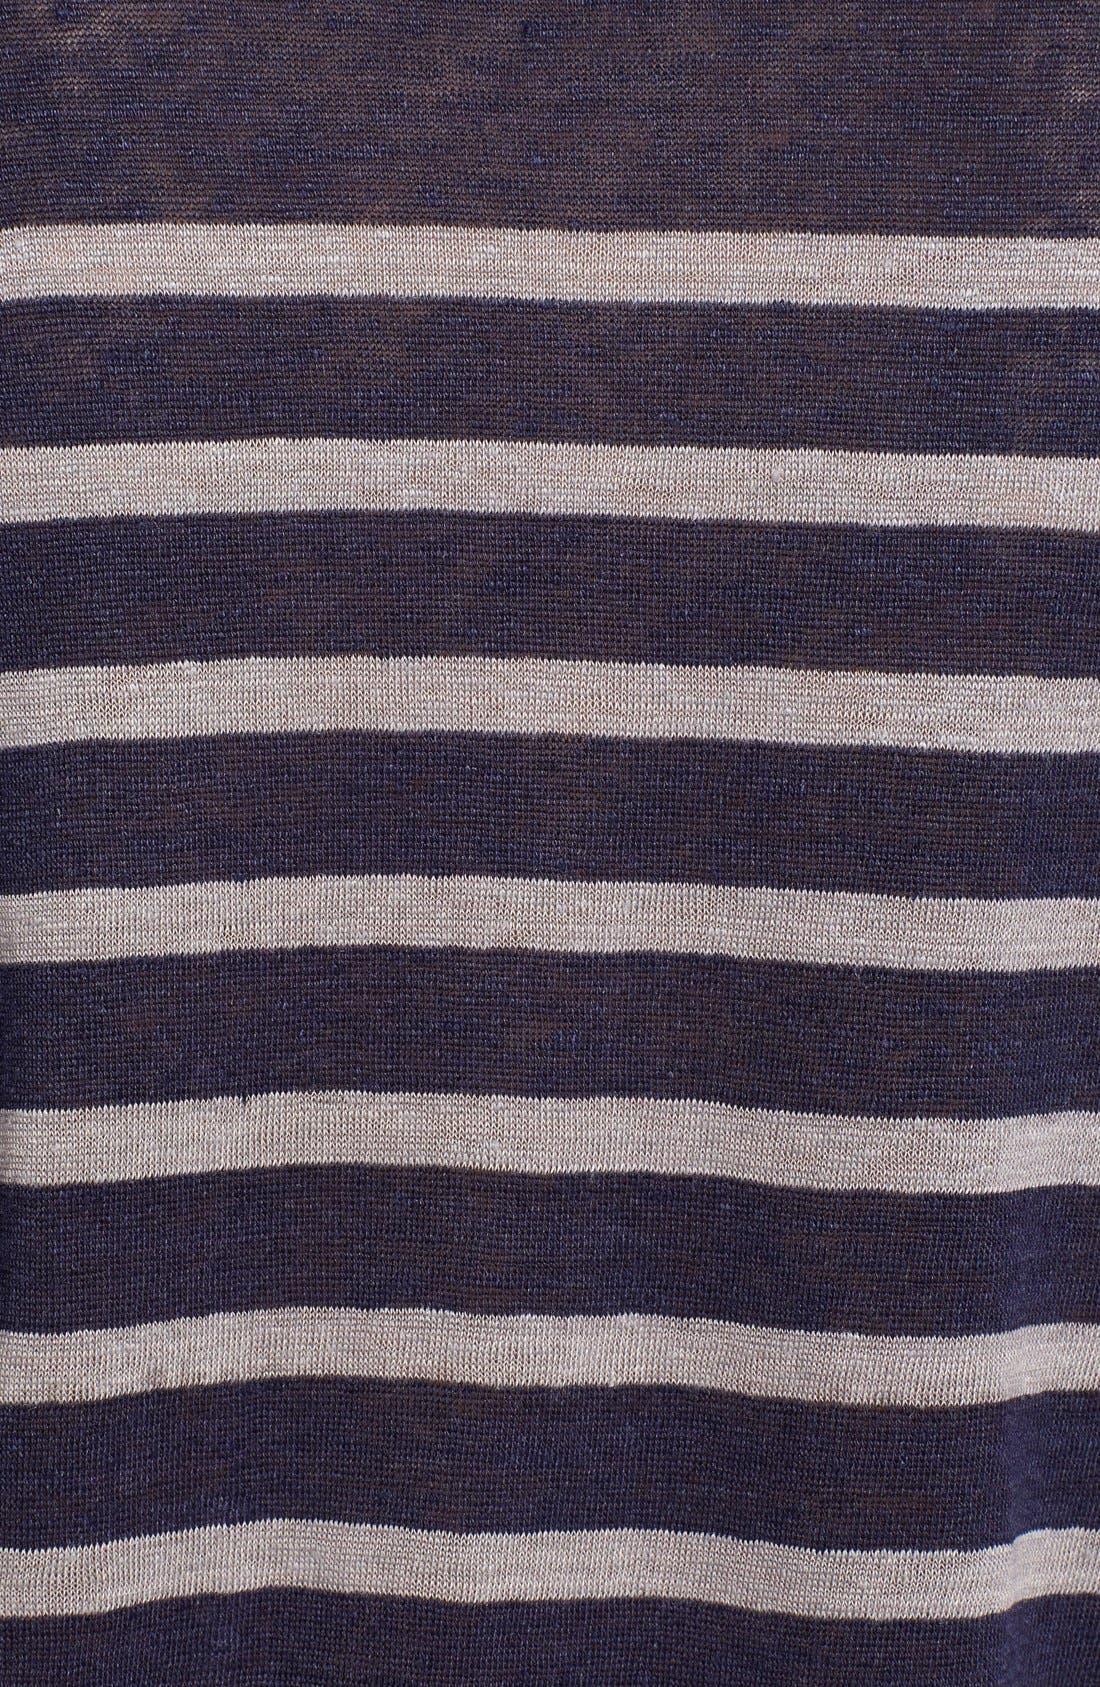 Alternate Image 3  - Charlotte Gainsbourg for Current/Elliott 'The Short Sleeve Linen Stripe' Tee